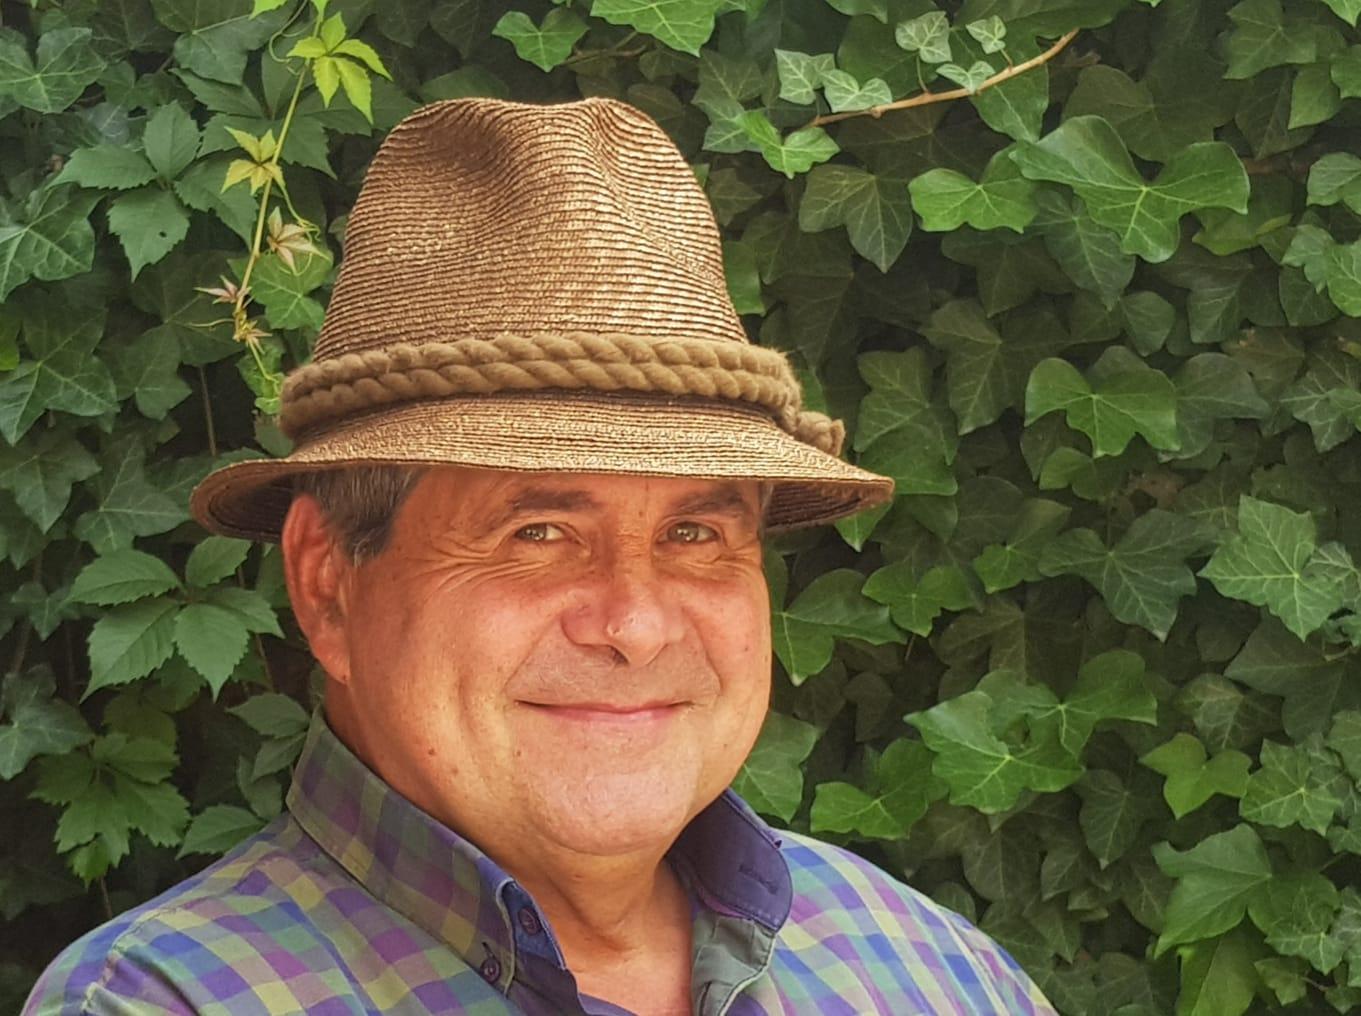 Mf. Univ. Prof. Klaus Lienbacher | Hauptzuchtwart